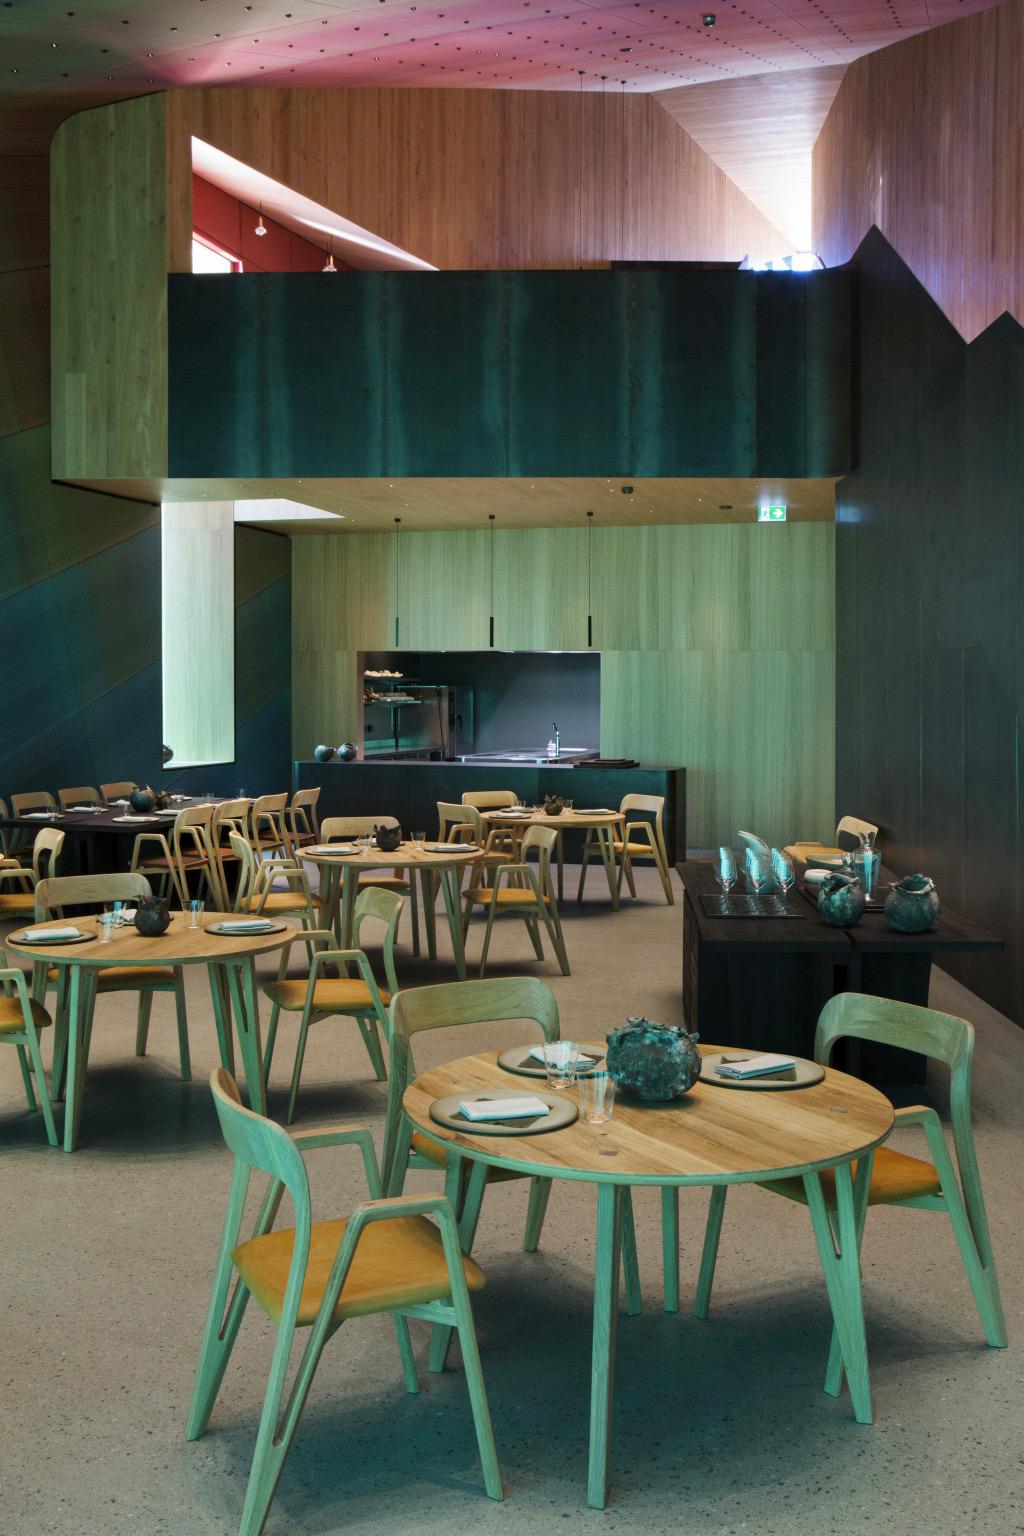 SnohettaRestaurant_09.jpg